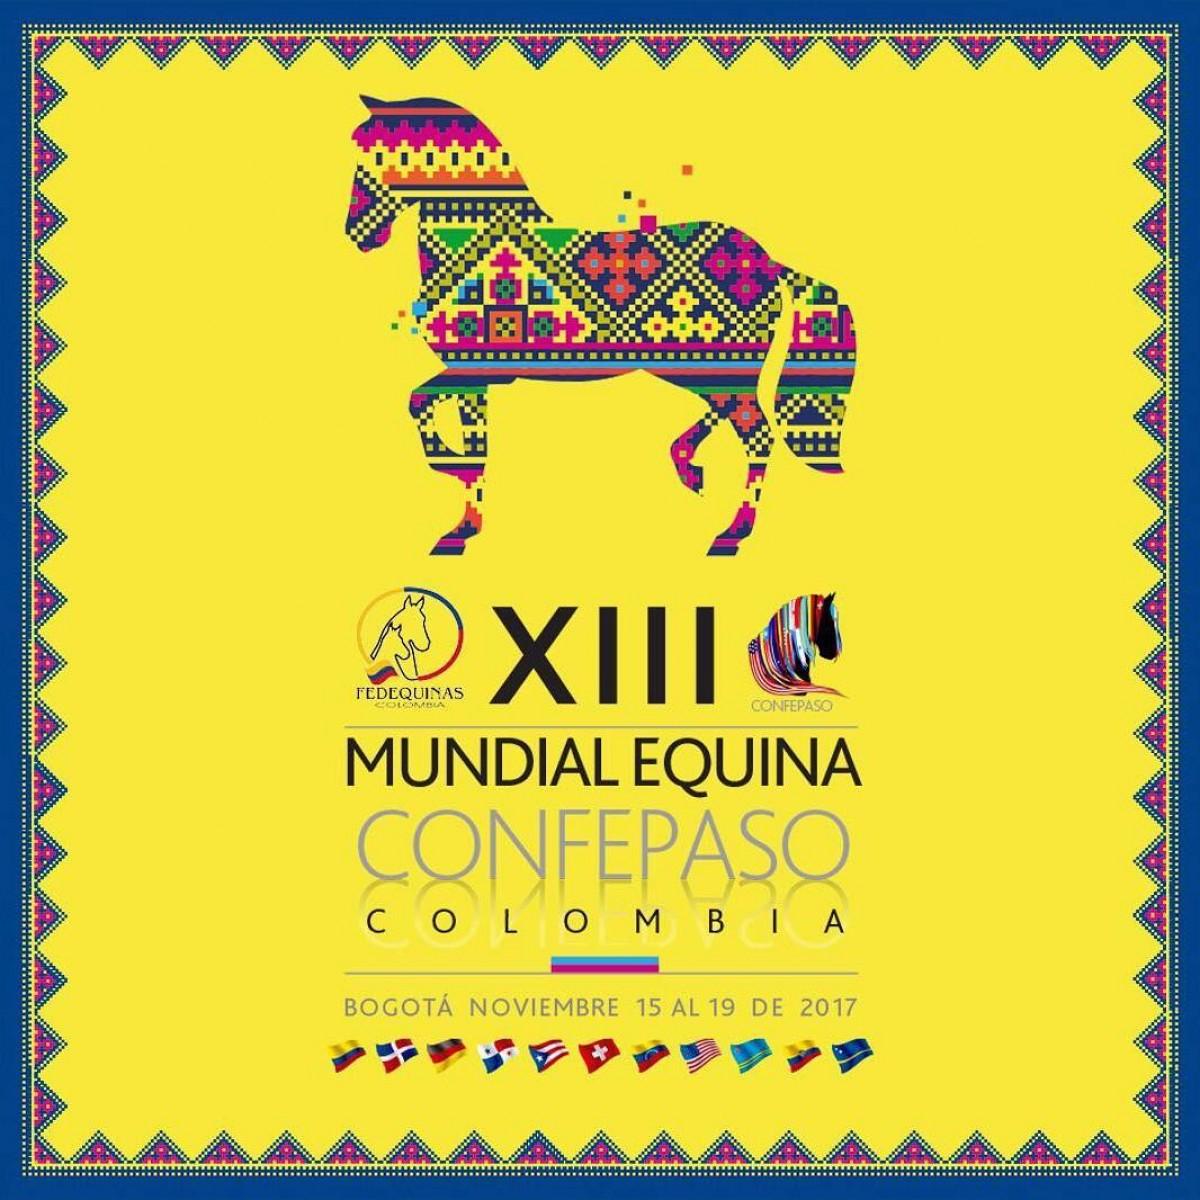 VÍDEO: Confepaso Y Fedequinas Invitan A La XIII Mundial !!!